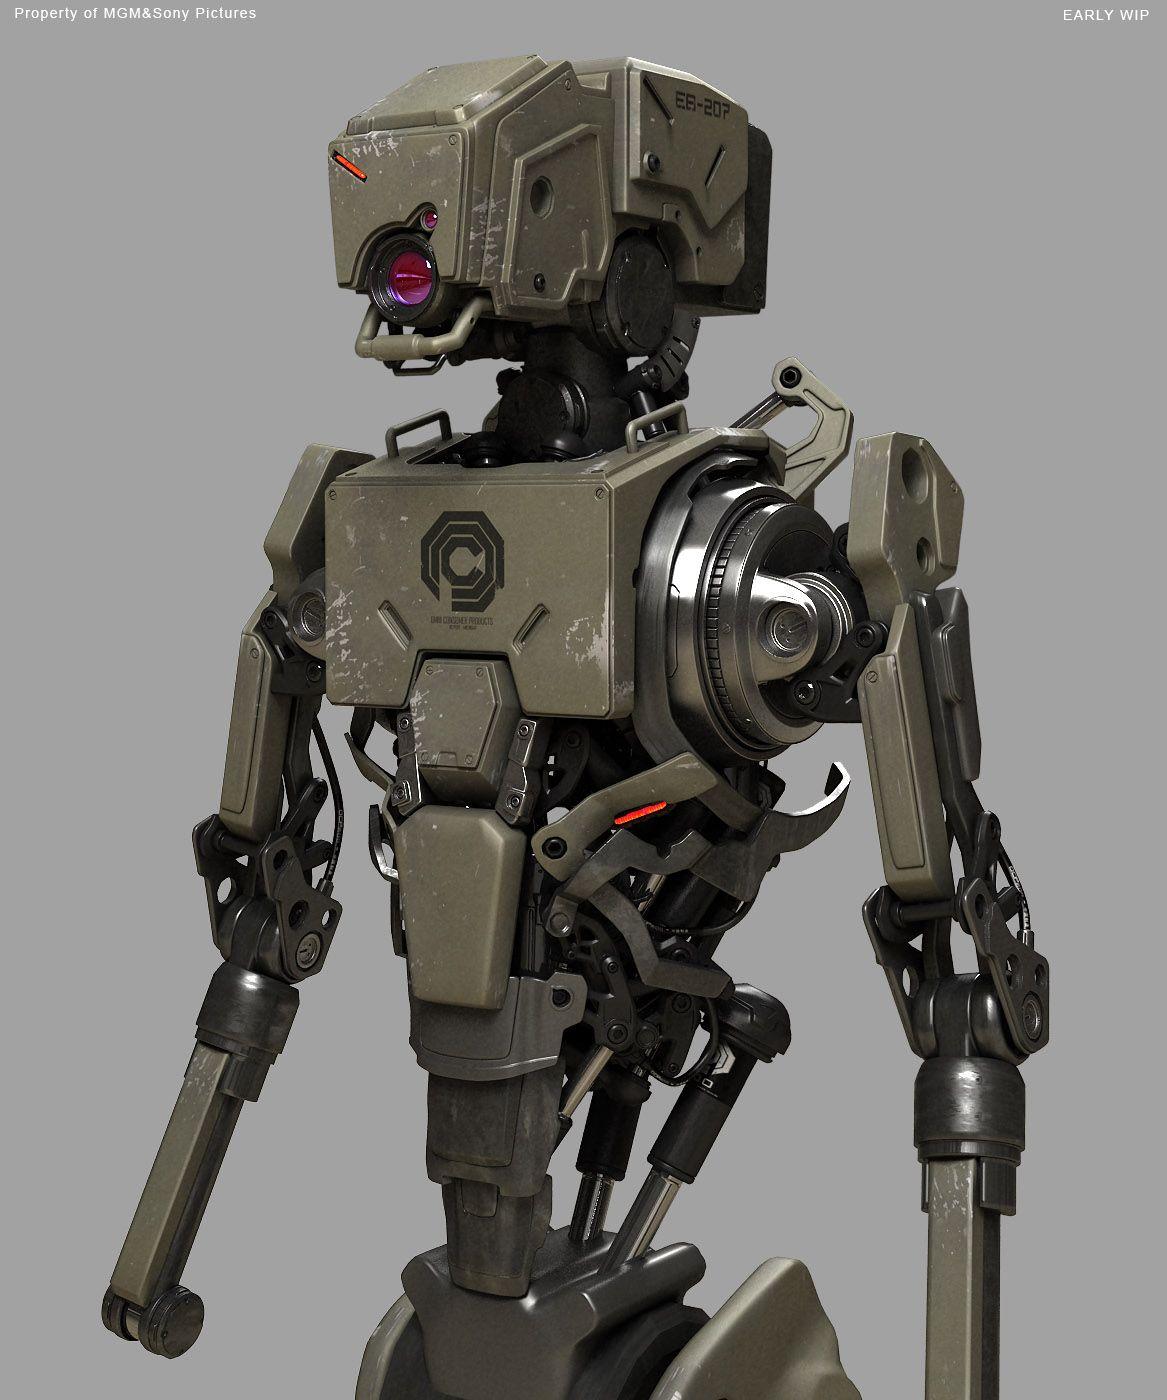 Fausto De Martini Robocop Concept Art